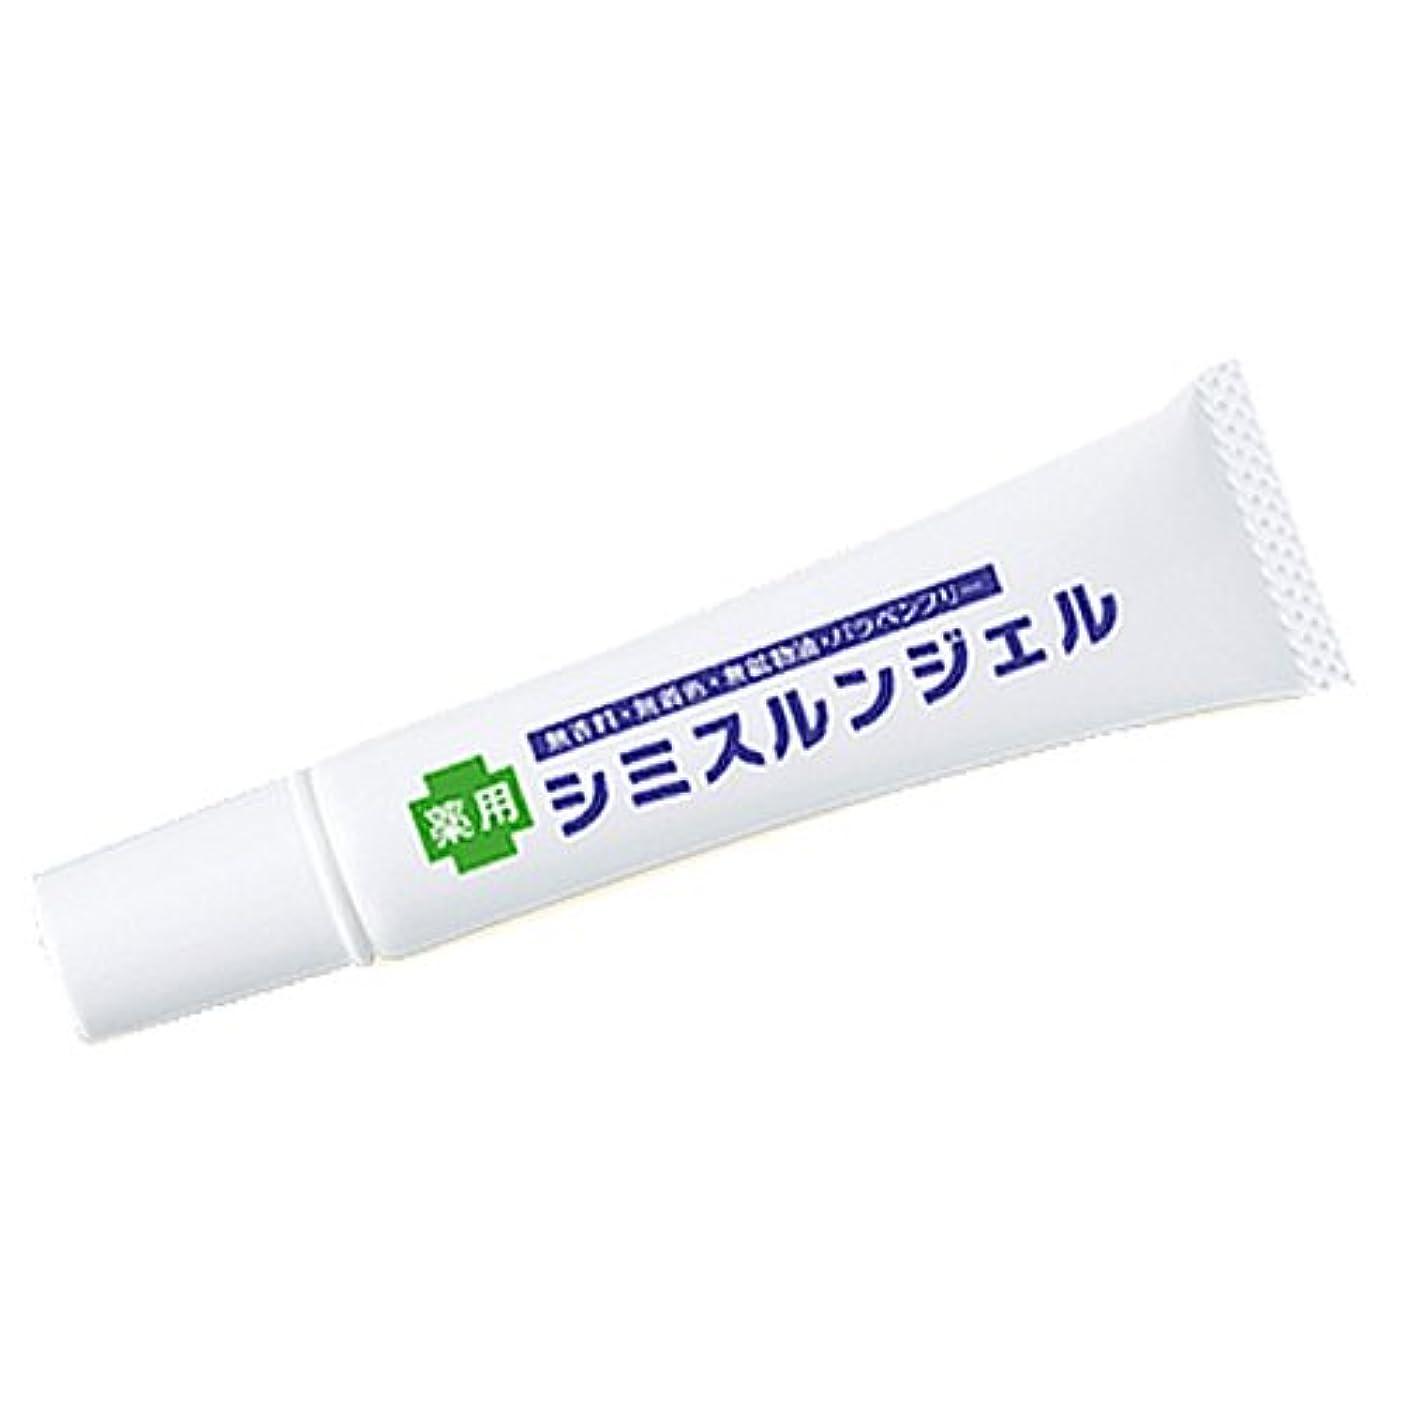 用量戦い保全ナクナーレ 薬用シミスルンジェル 医薬部外品